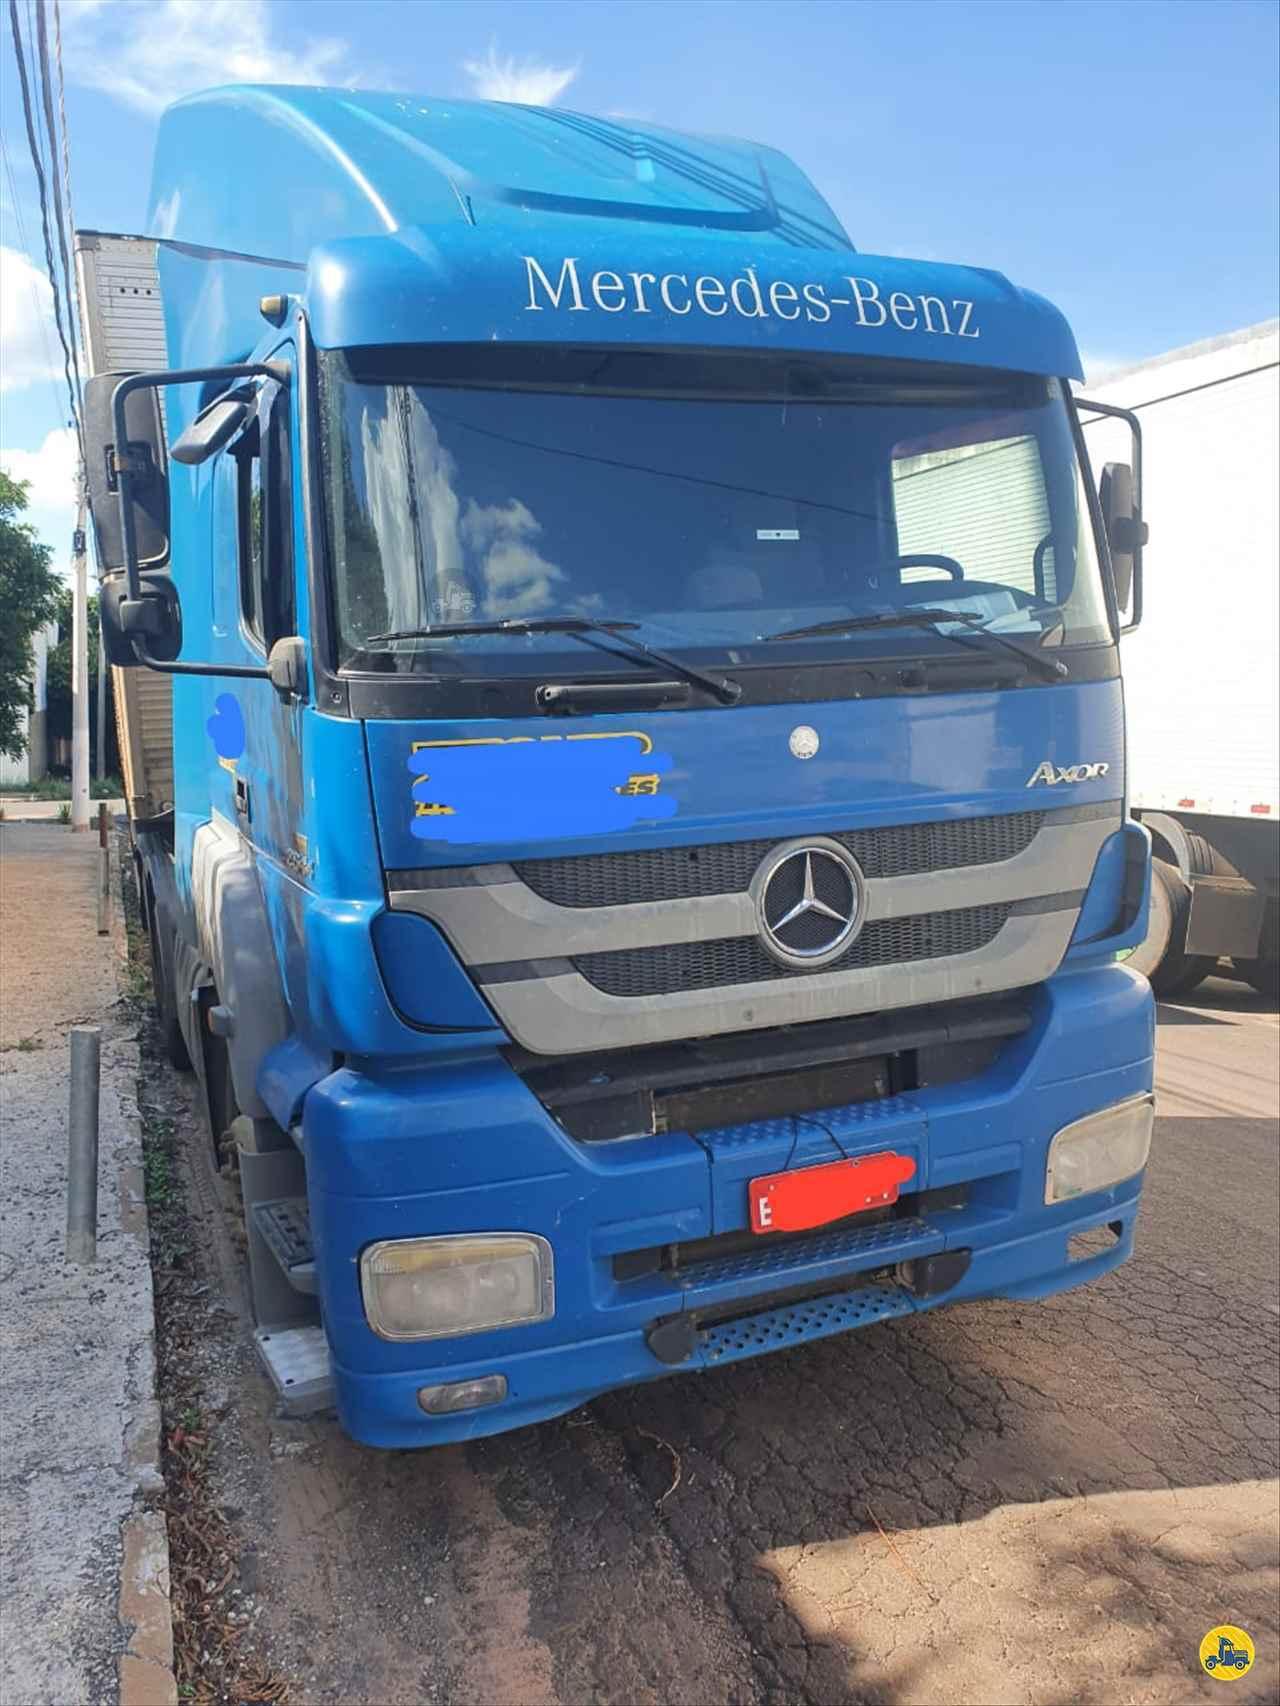 CAMINHAO MERCEDES-BENZ MB 2644 Cavalo Mecânico Traçado 6x4 Barbosa Caminhões LINS SÃO PAULO SP